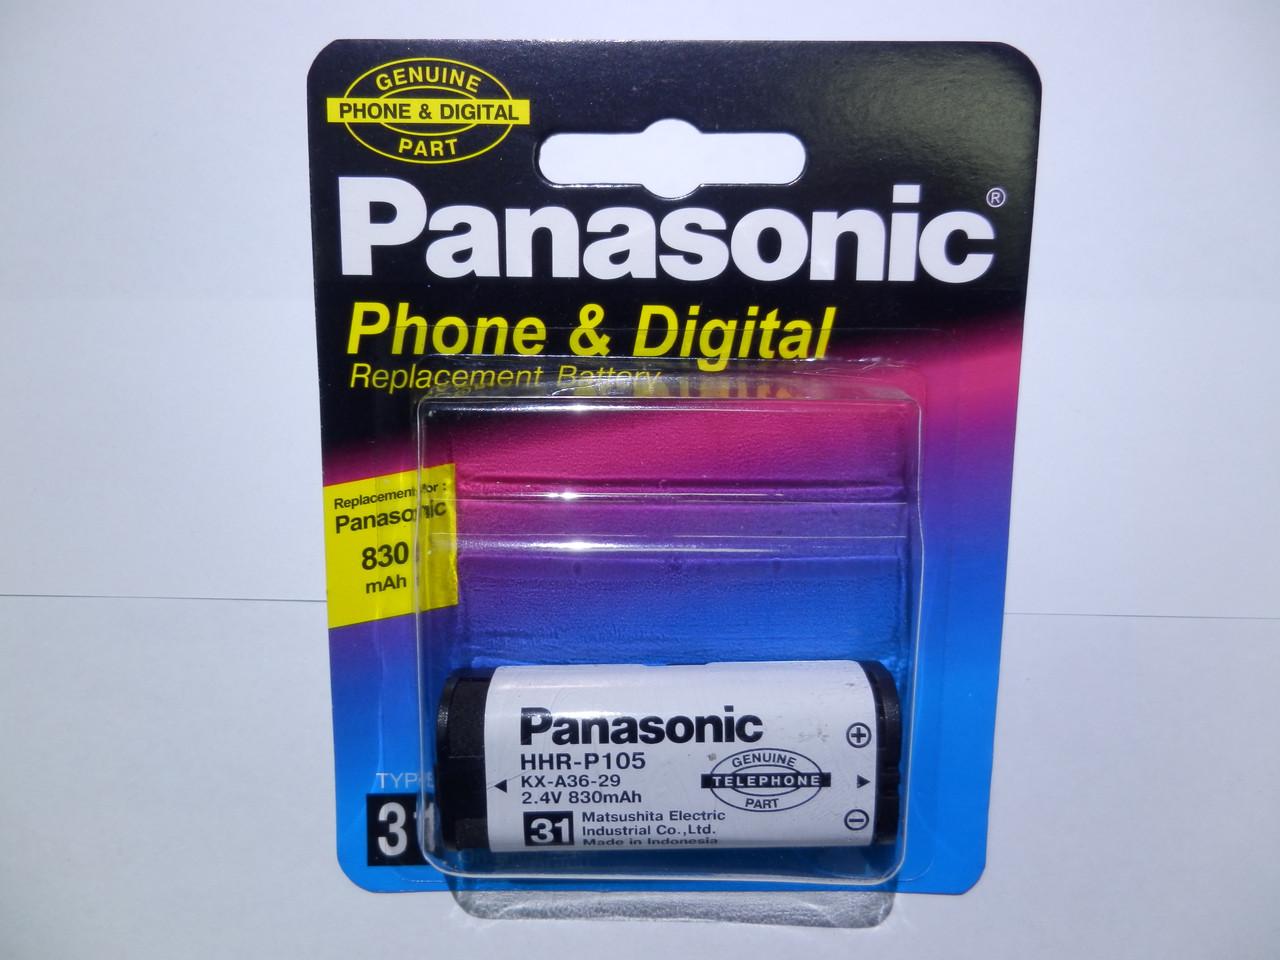 Аккумулятор к стационарному телефону Panasonic HHR-P105  ( KX-A36-29 2,4v 830mAh ) (TYPE 31)